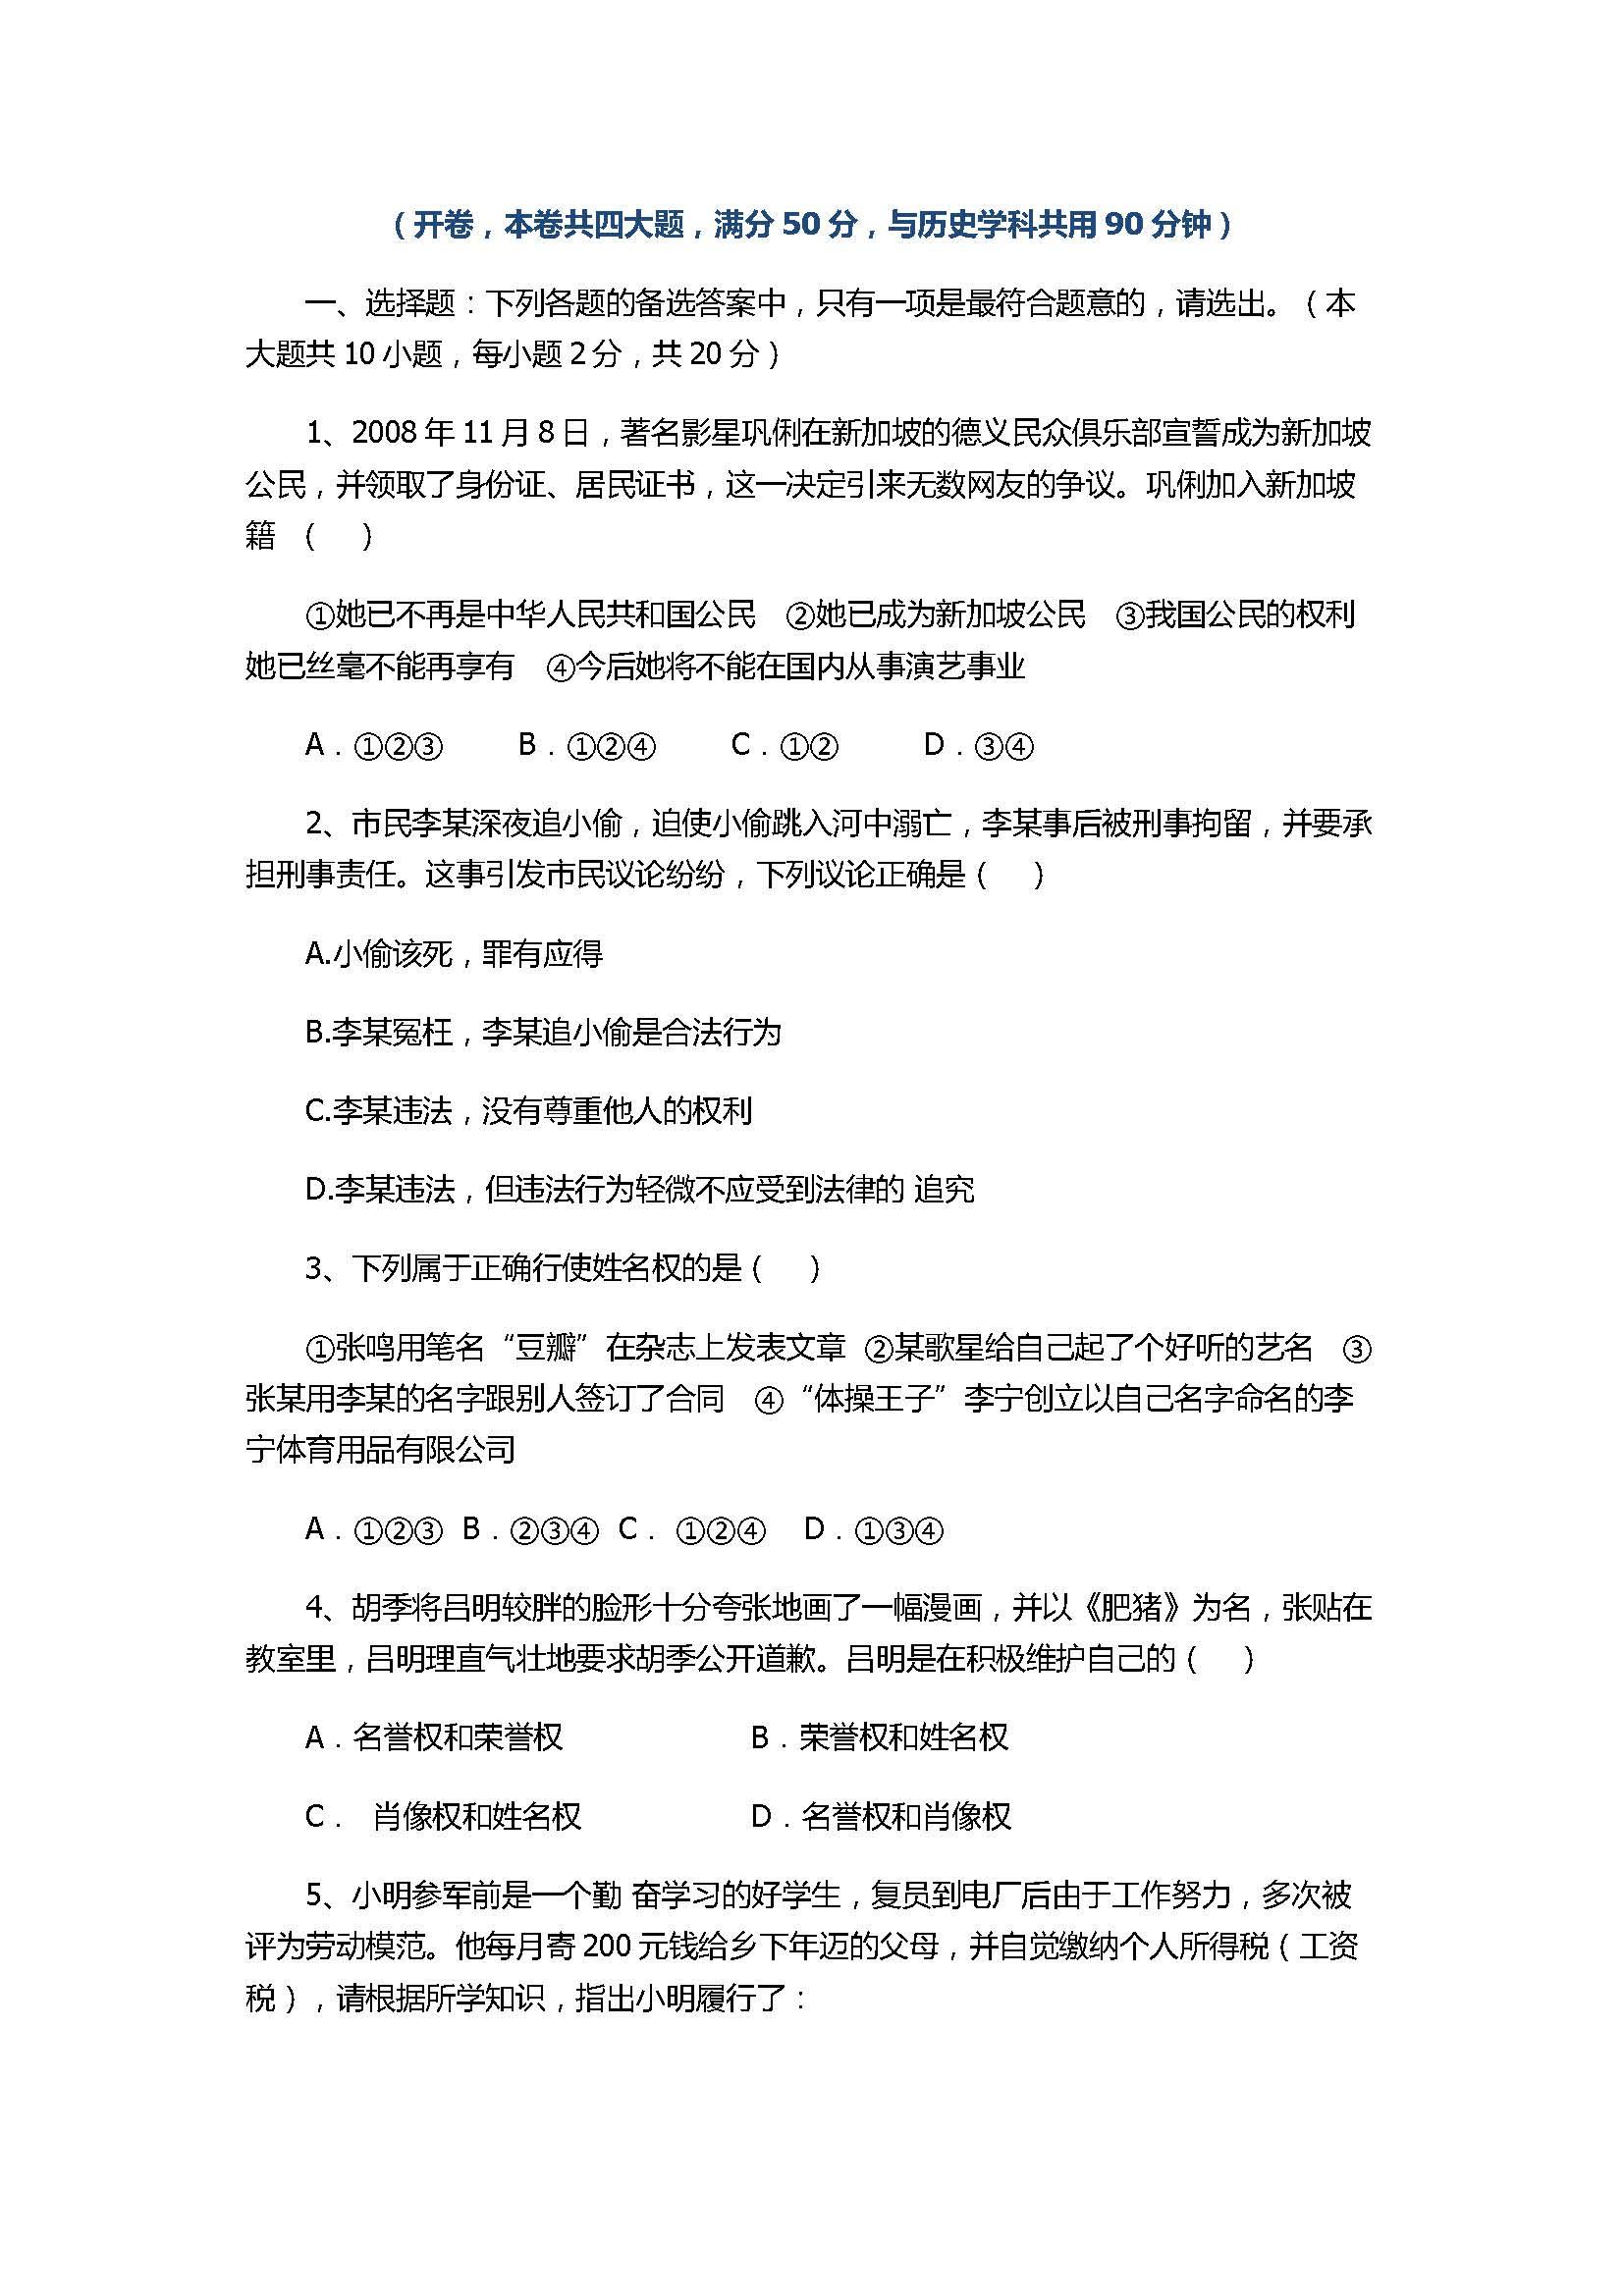 2017八年级思想品德期中下册试卷带参考答案(重庆市沙坪坝区)